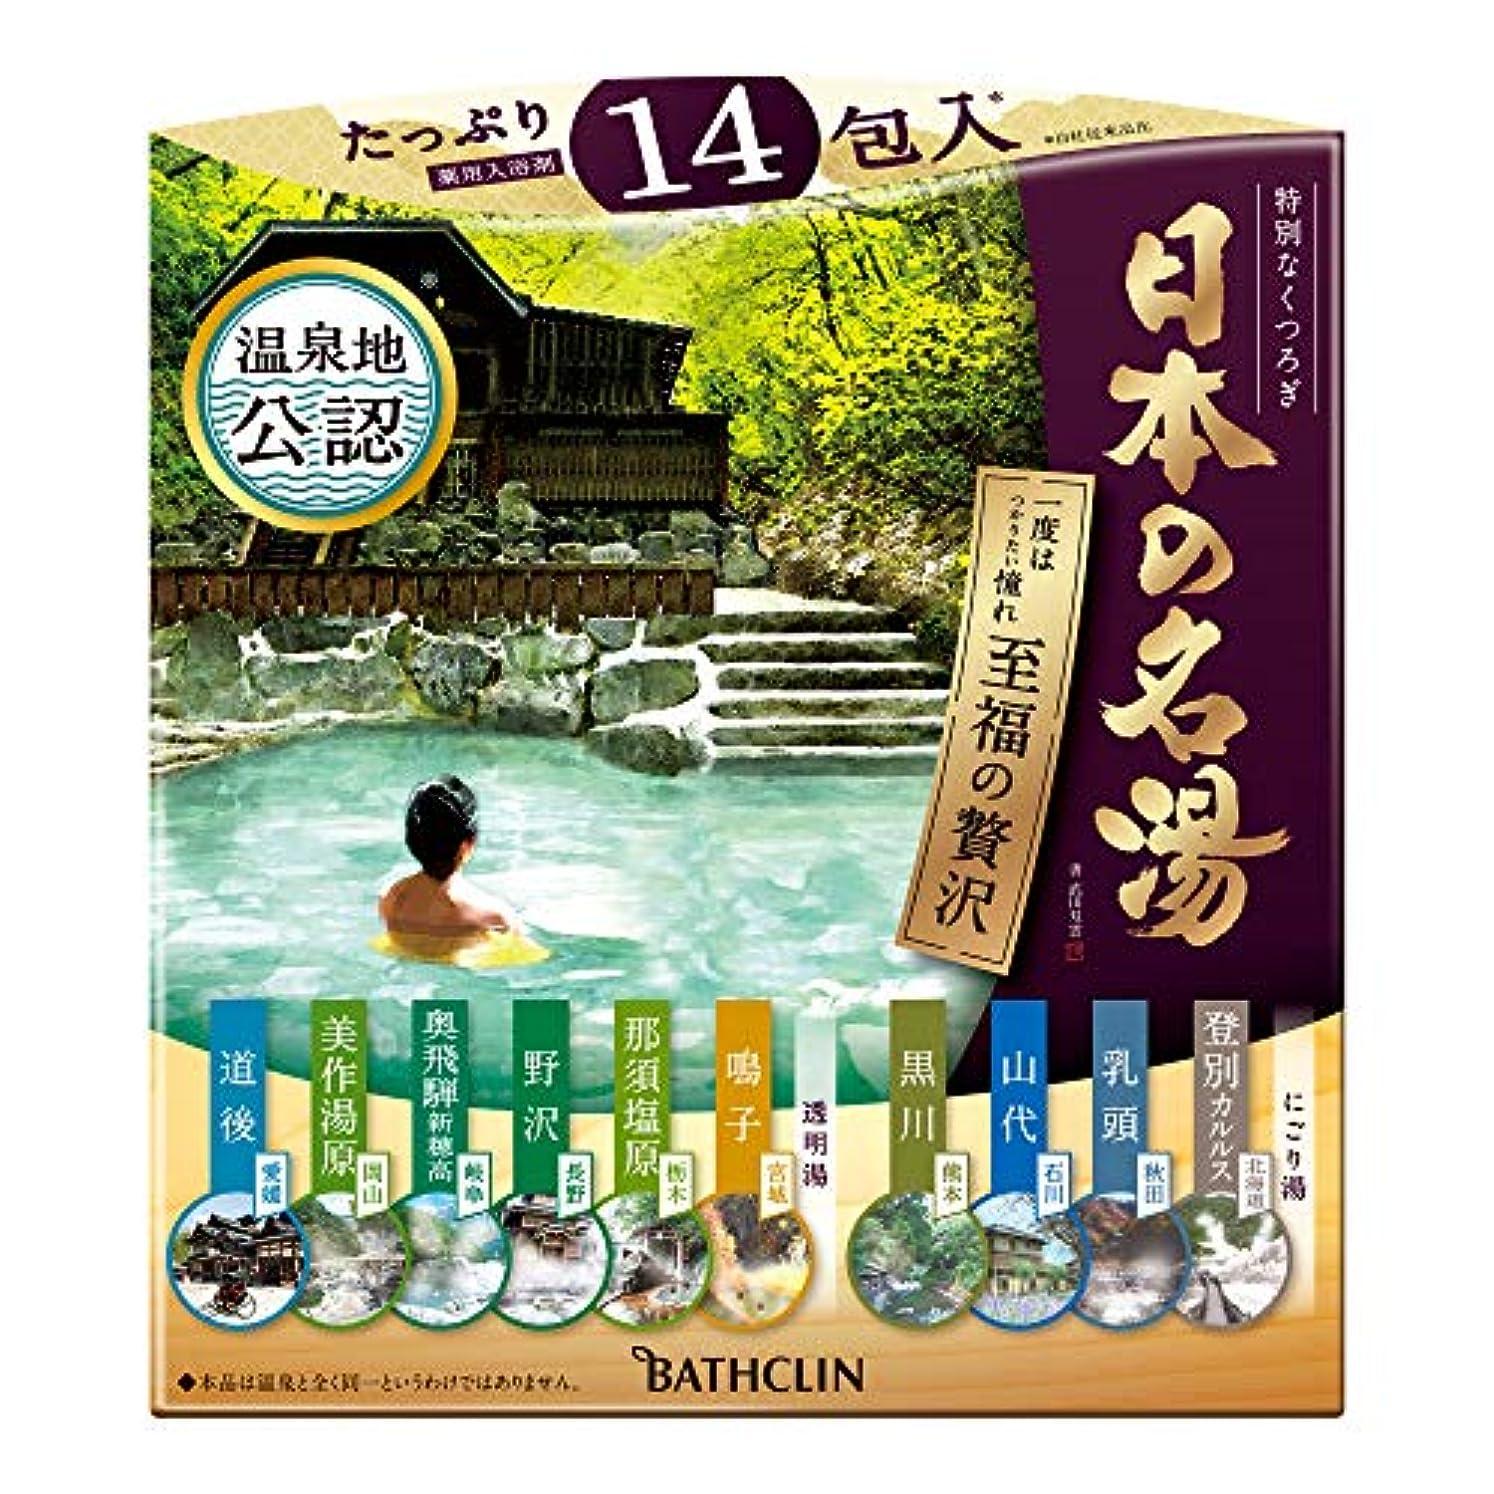 香ばしい有害な評価日本の名湯 至福の贅沢 入浴剤 色と香りで情緒を表現した温泉タイプ入浴剤 セット 30g×14包